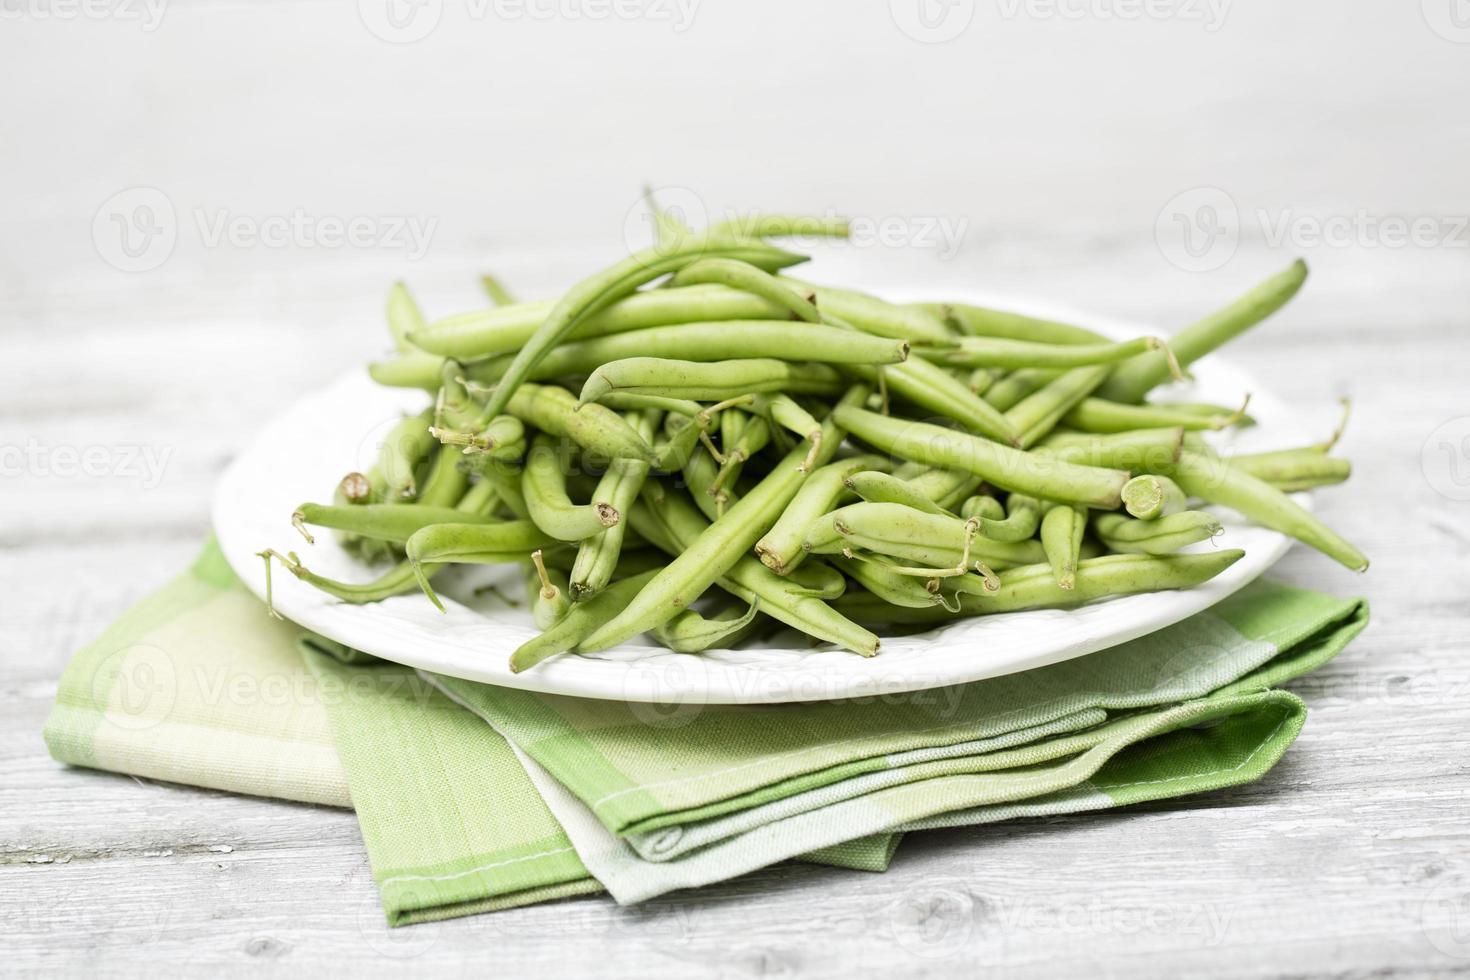 fagiolini crudi (phaseolus vulgaris) sul piatto foto